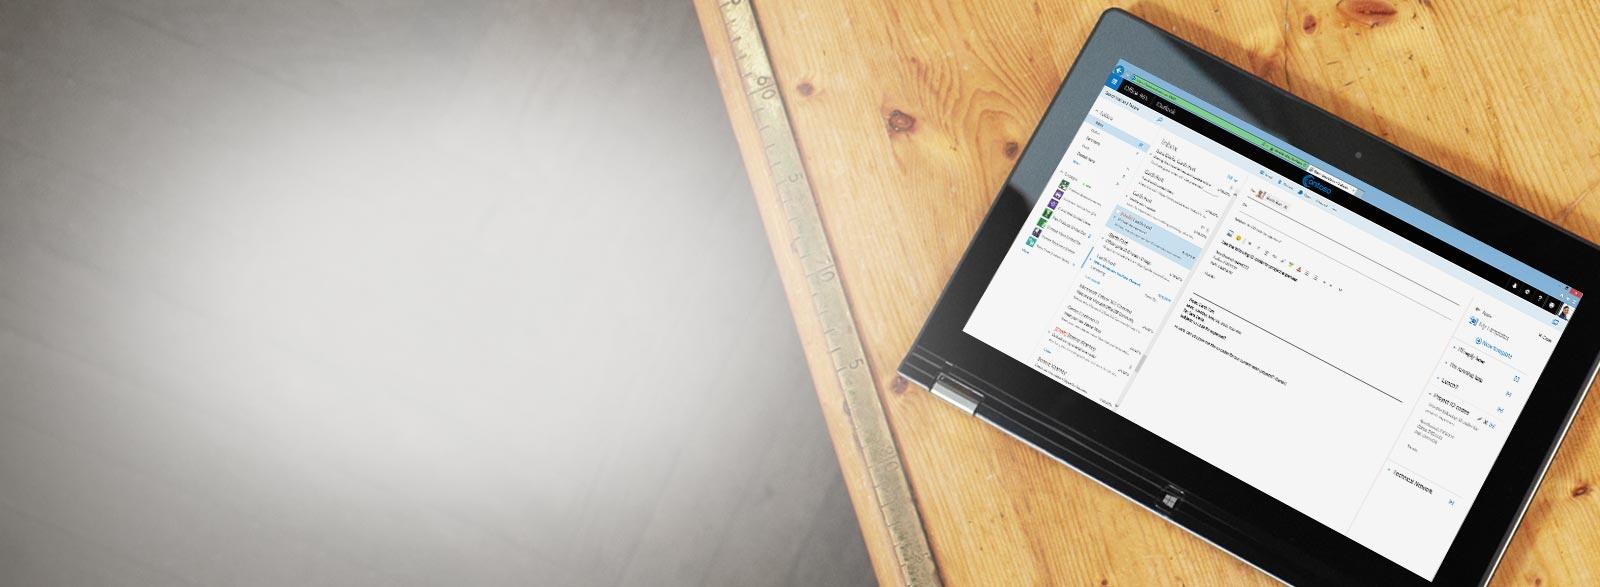 Un tablet su un tavolo che mostra un dettaglio di una cartella Posta in arrivo aziendale basata su Exchange.